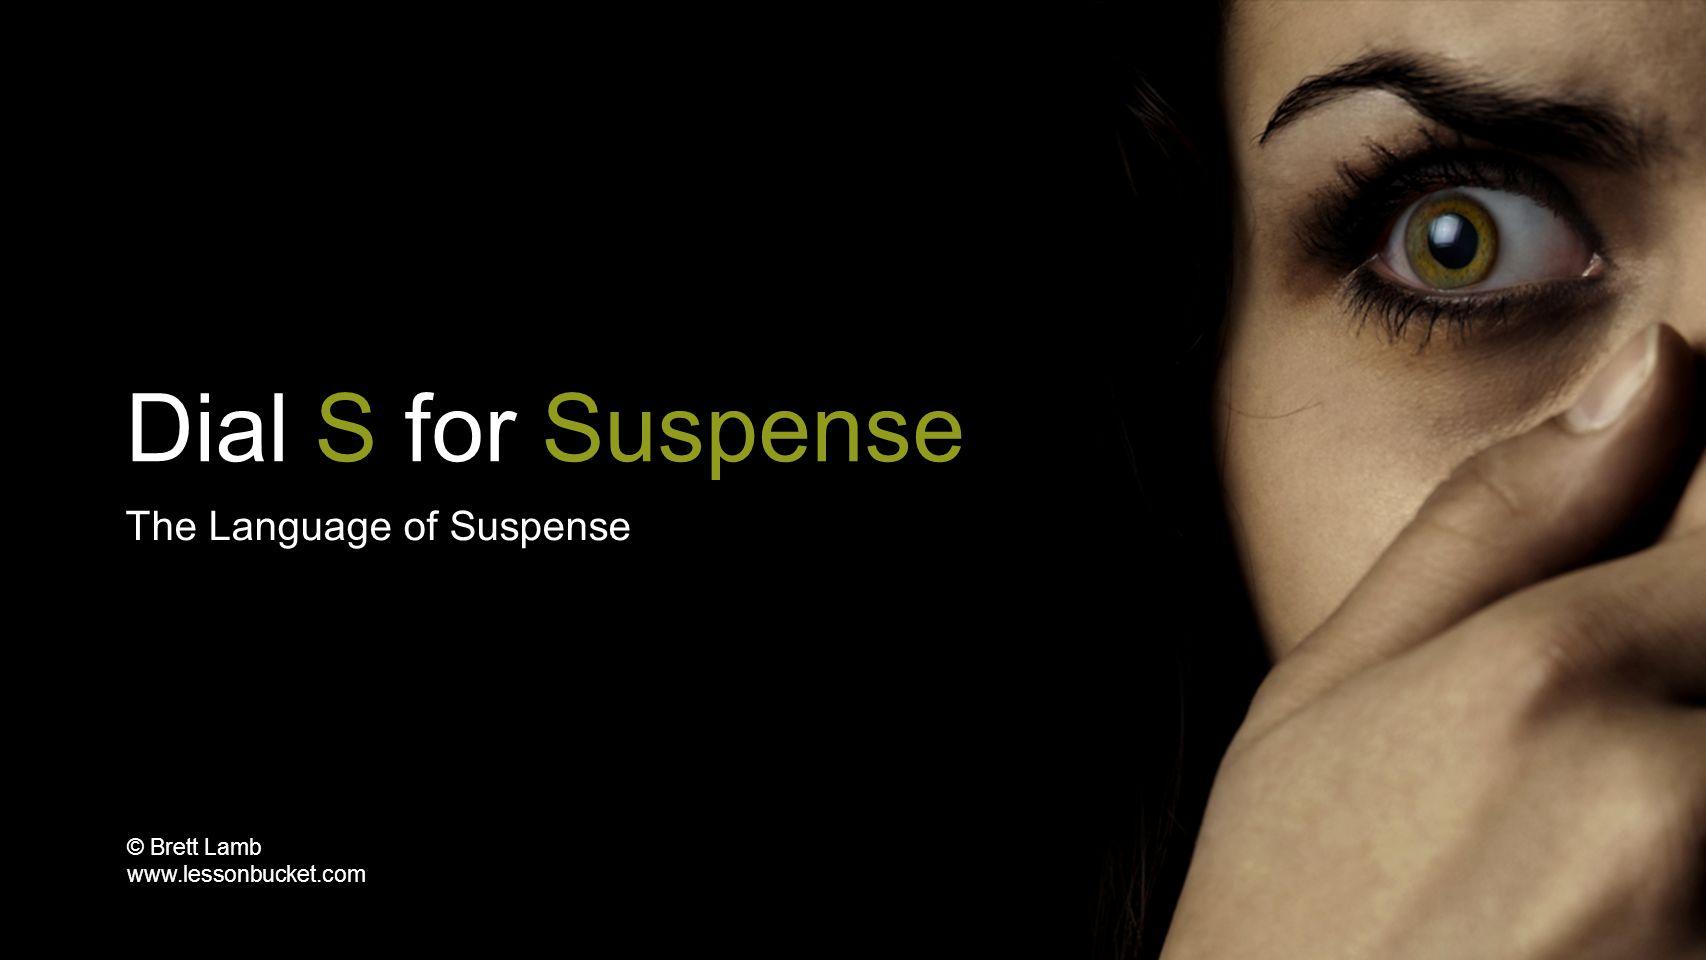 Dial S for Suspense The Language of Suspense © Brett Lamb